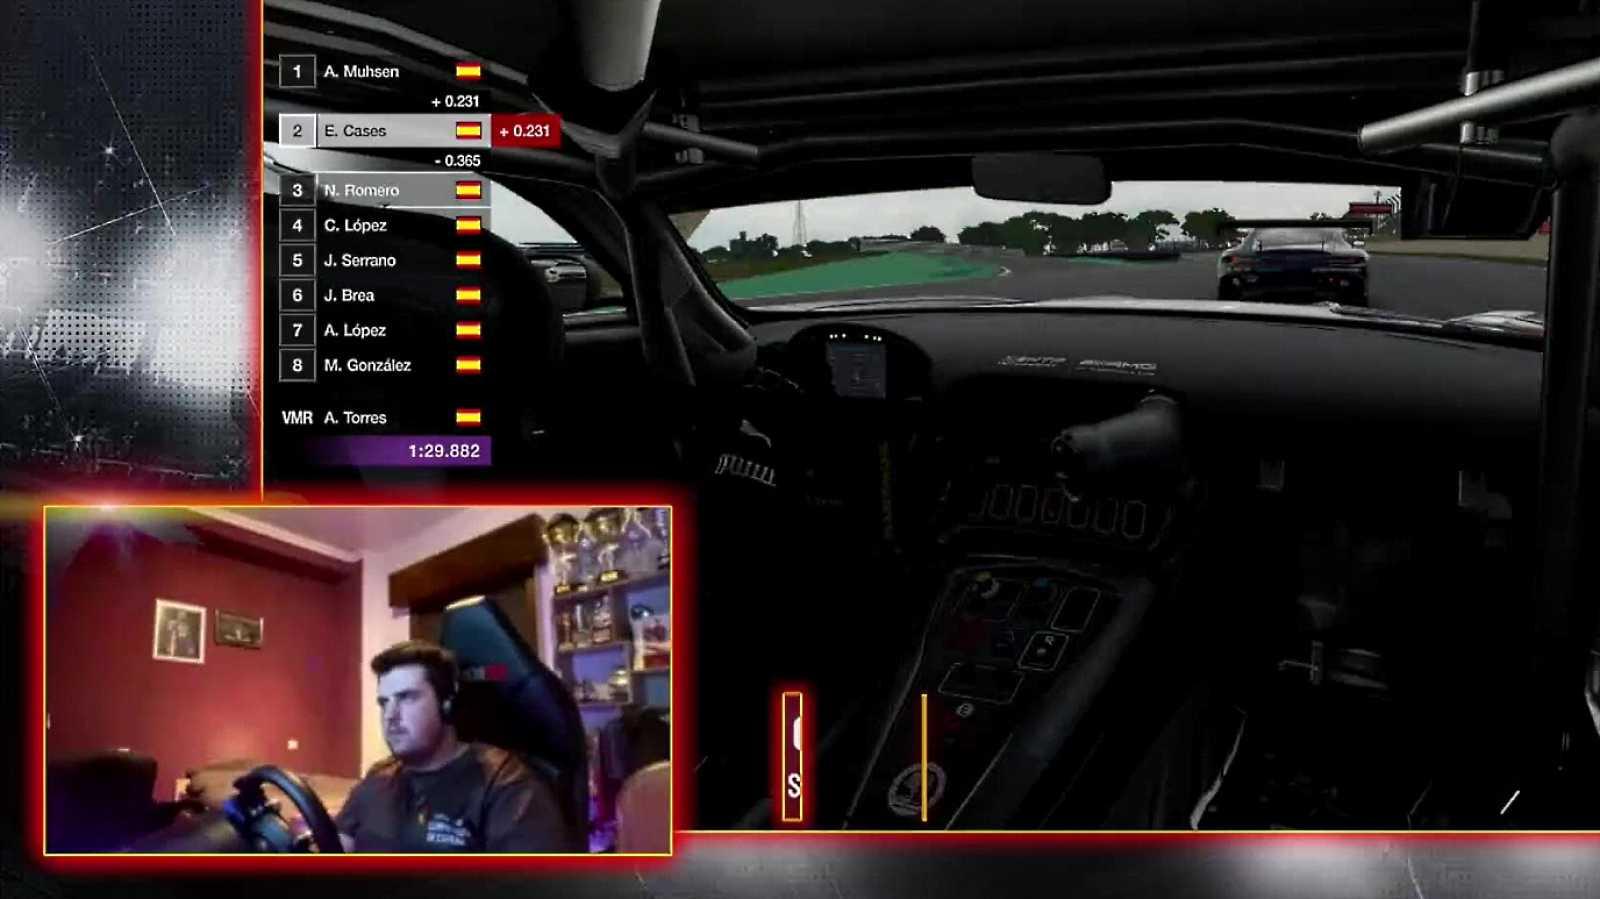 Automovilismo virtual - Campeonato de España Gran turismo - Gran Premio 2 - ver ahora